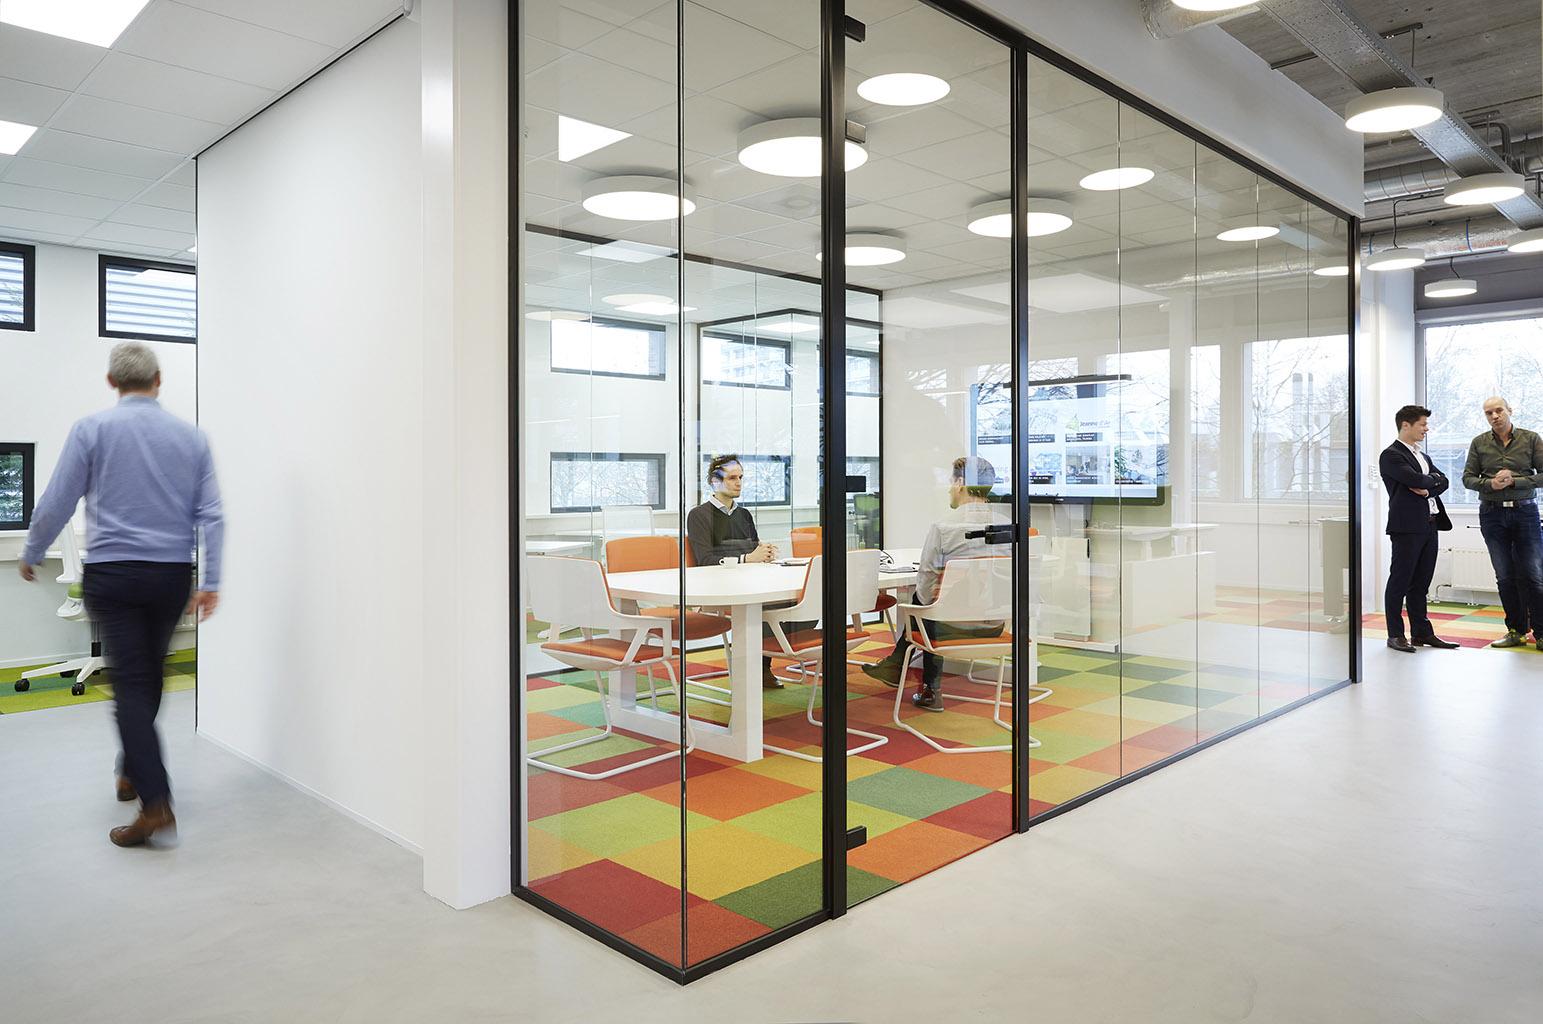 <p>Een transparante vergaderruimte zorgt voor scheiding tussen dynamiek en rust. Foto: Minneboo fotografie</p>